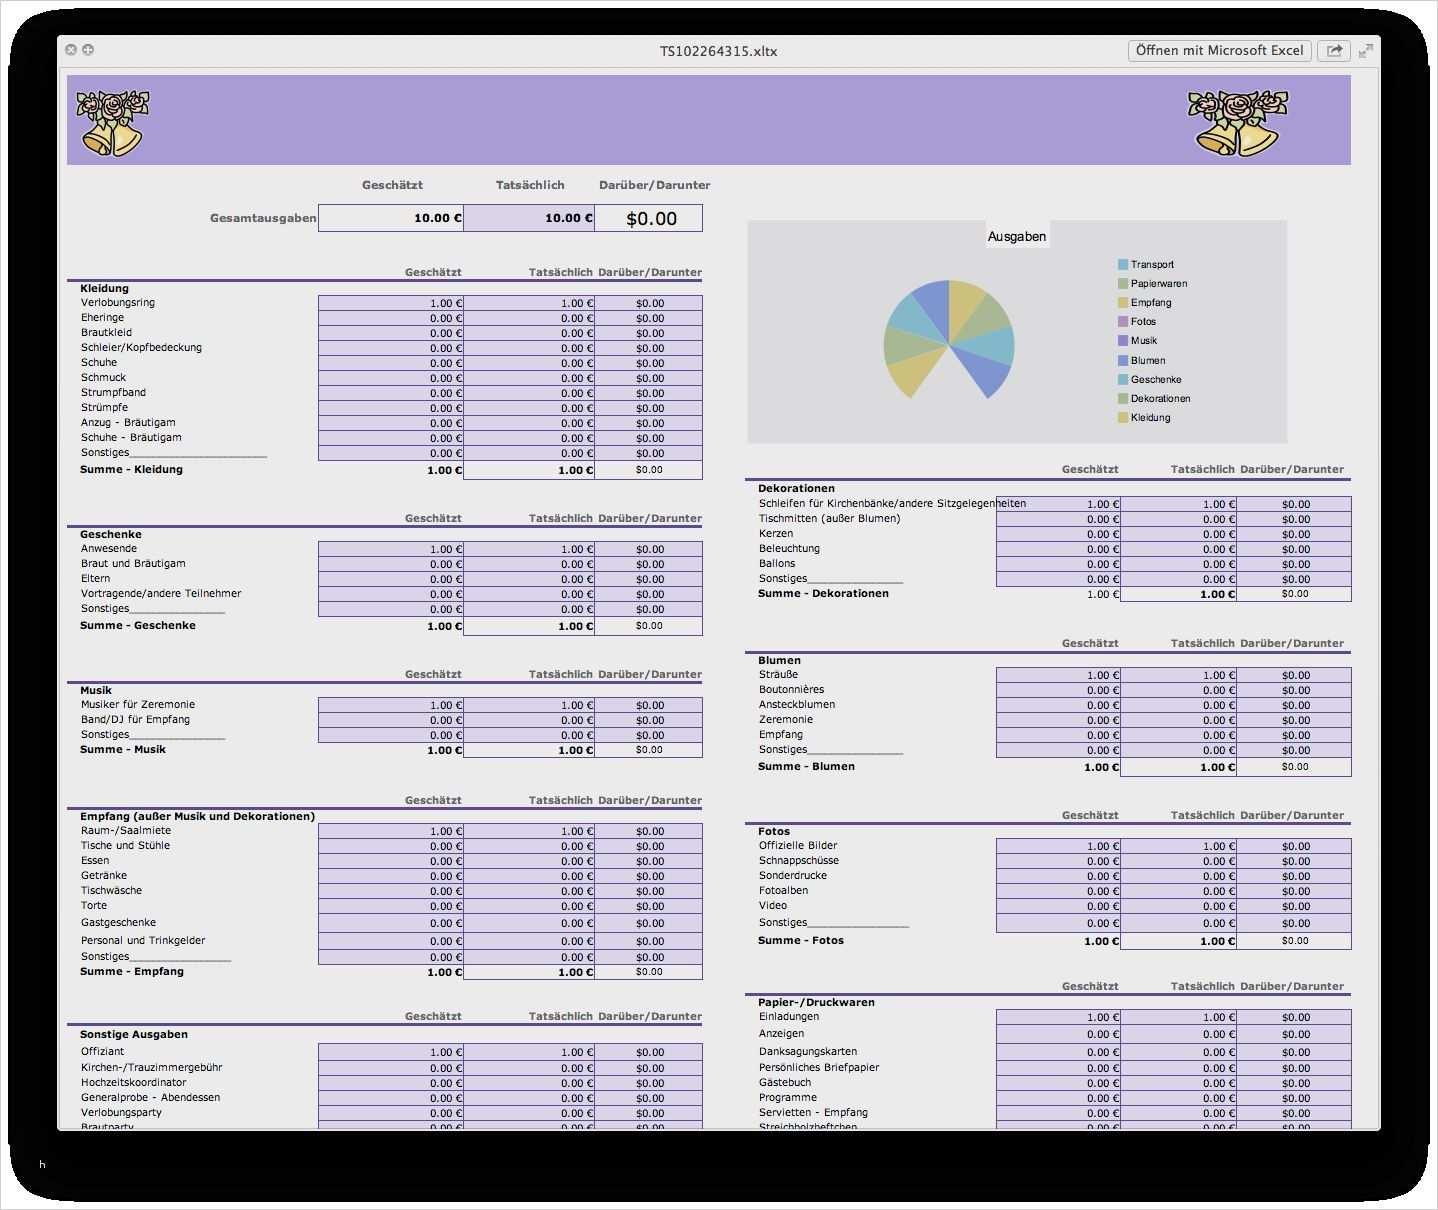 42 Bewundernswert Excel Vorlagen Kostenaufstellung Diese Konnen Adaptieren In Microsoft Word Excel Vorlage Vorlagen Deckblatt Vorlage